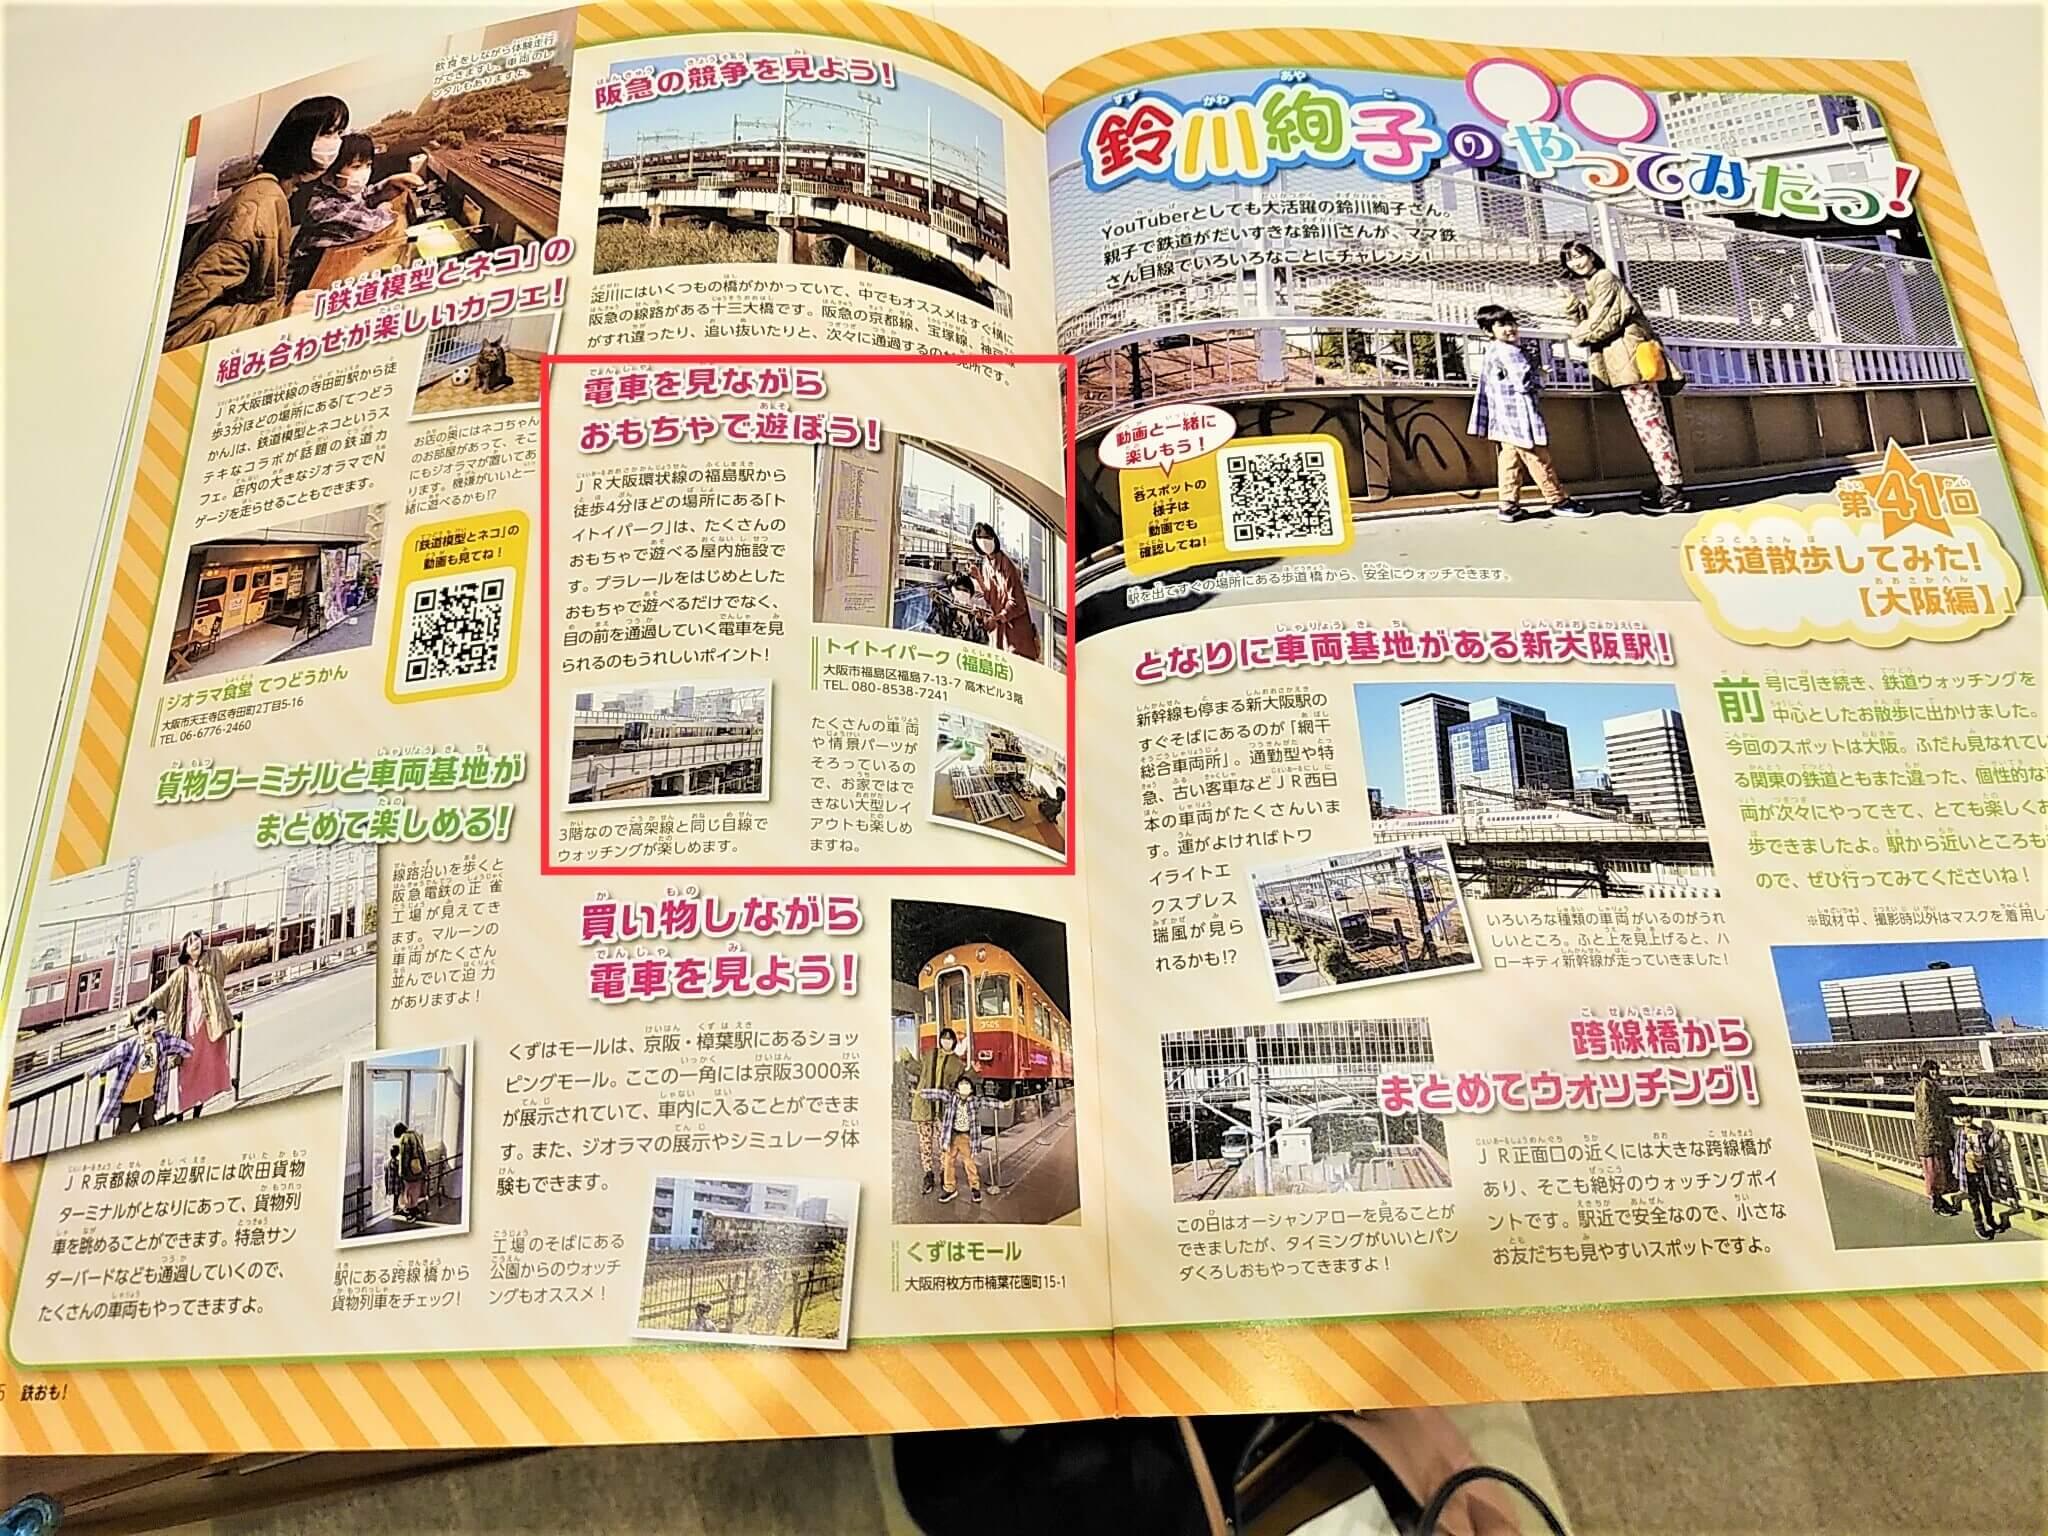 2020/12  「鉄おも!Vol.156 2021年1月号」に掲載